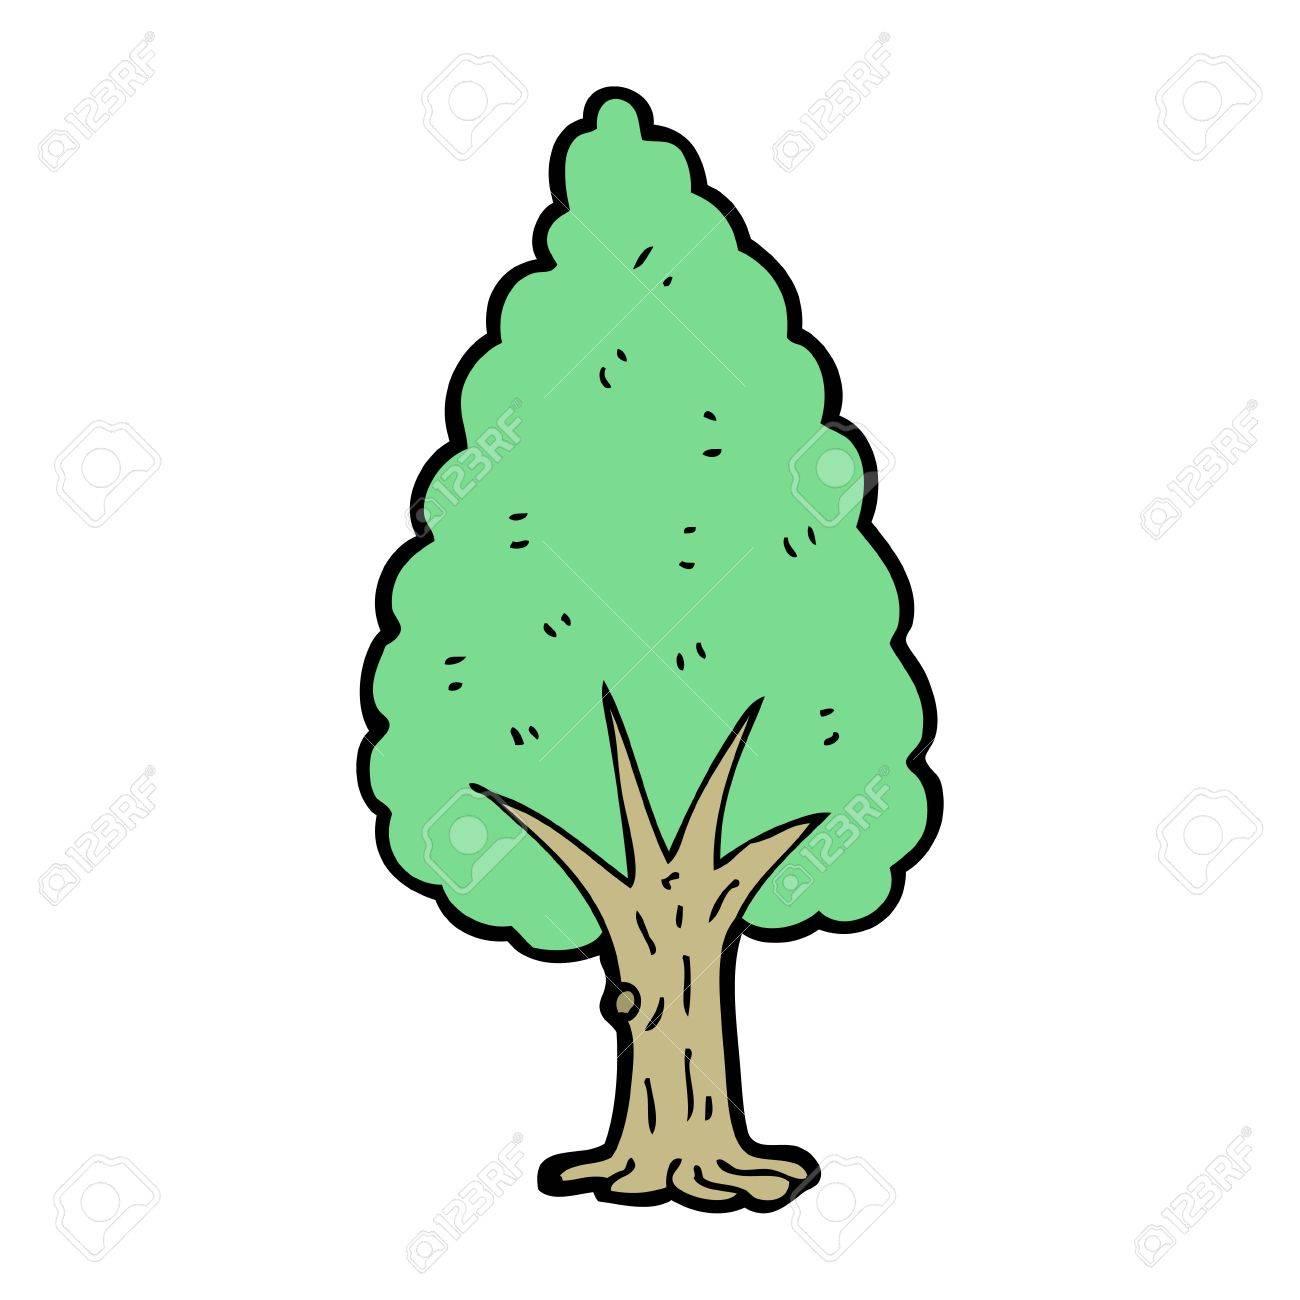 cartoon tree Stock Vector - 15789858